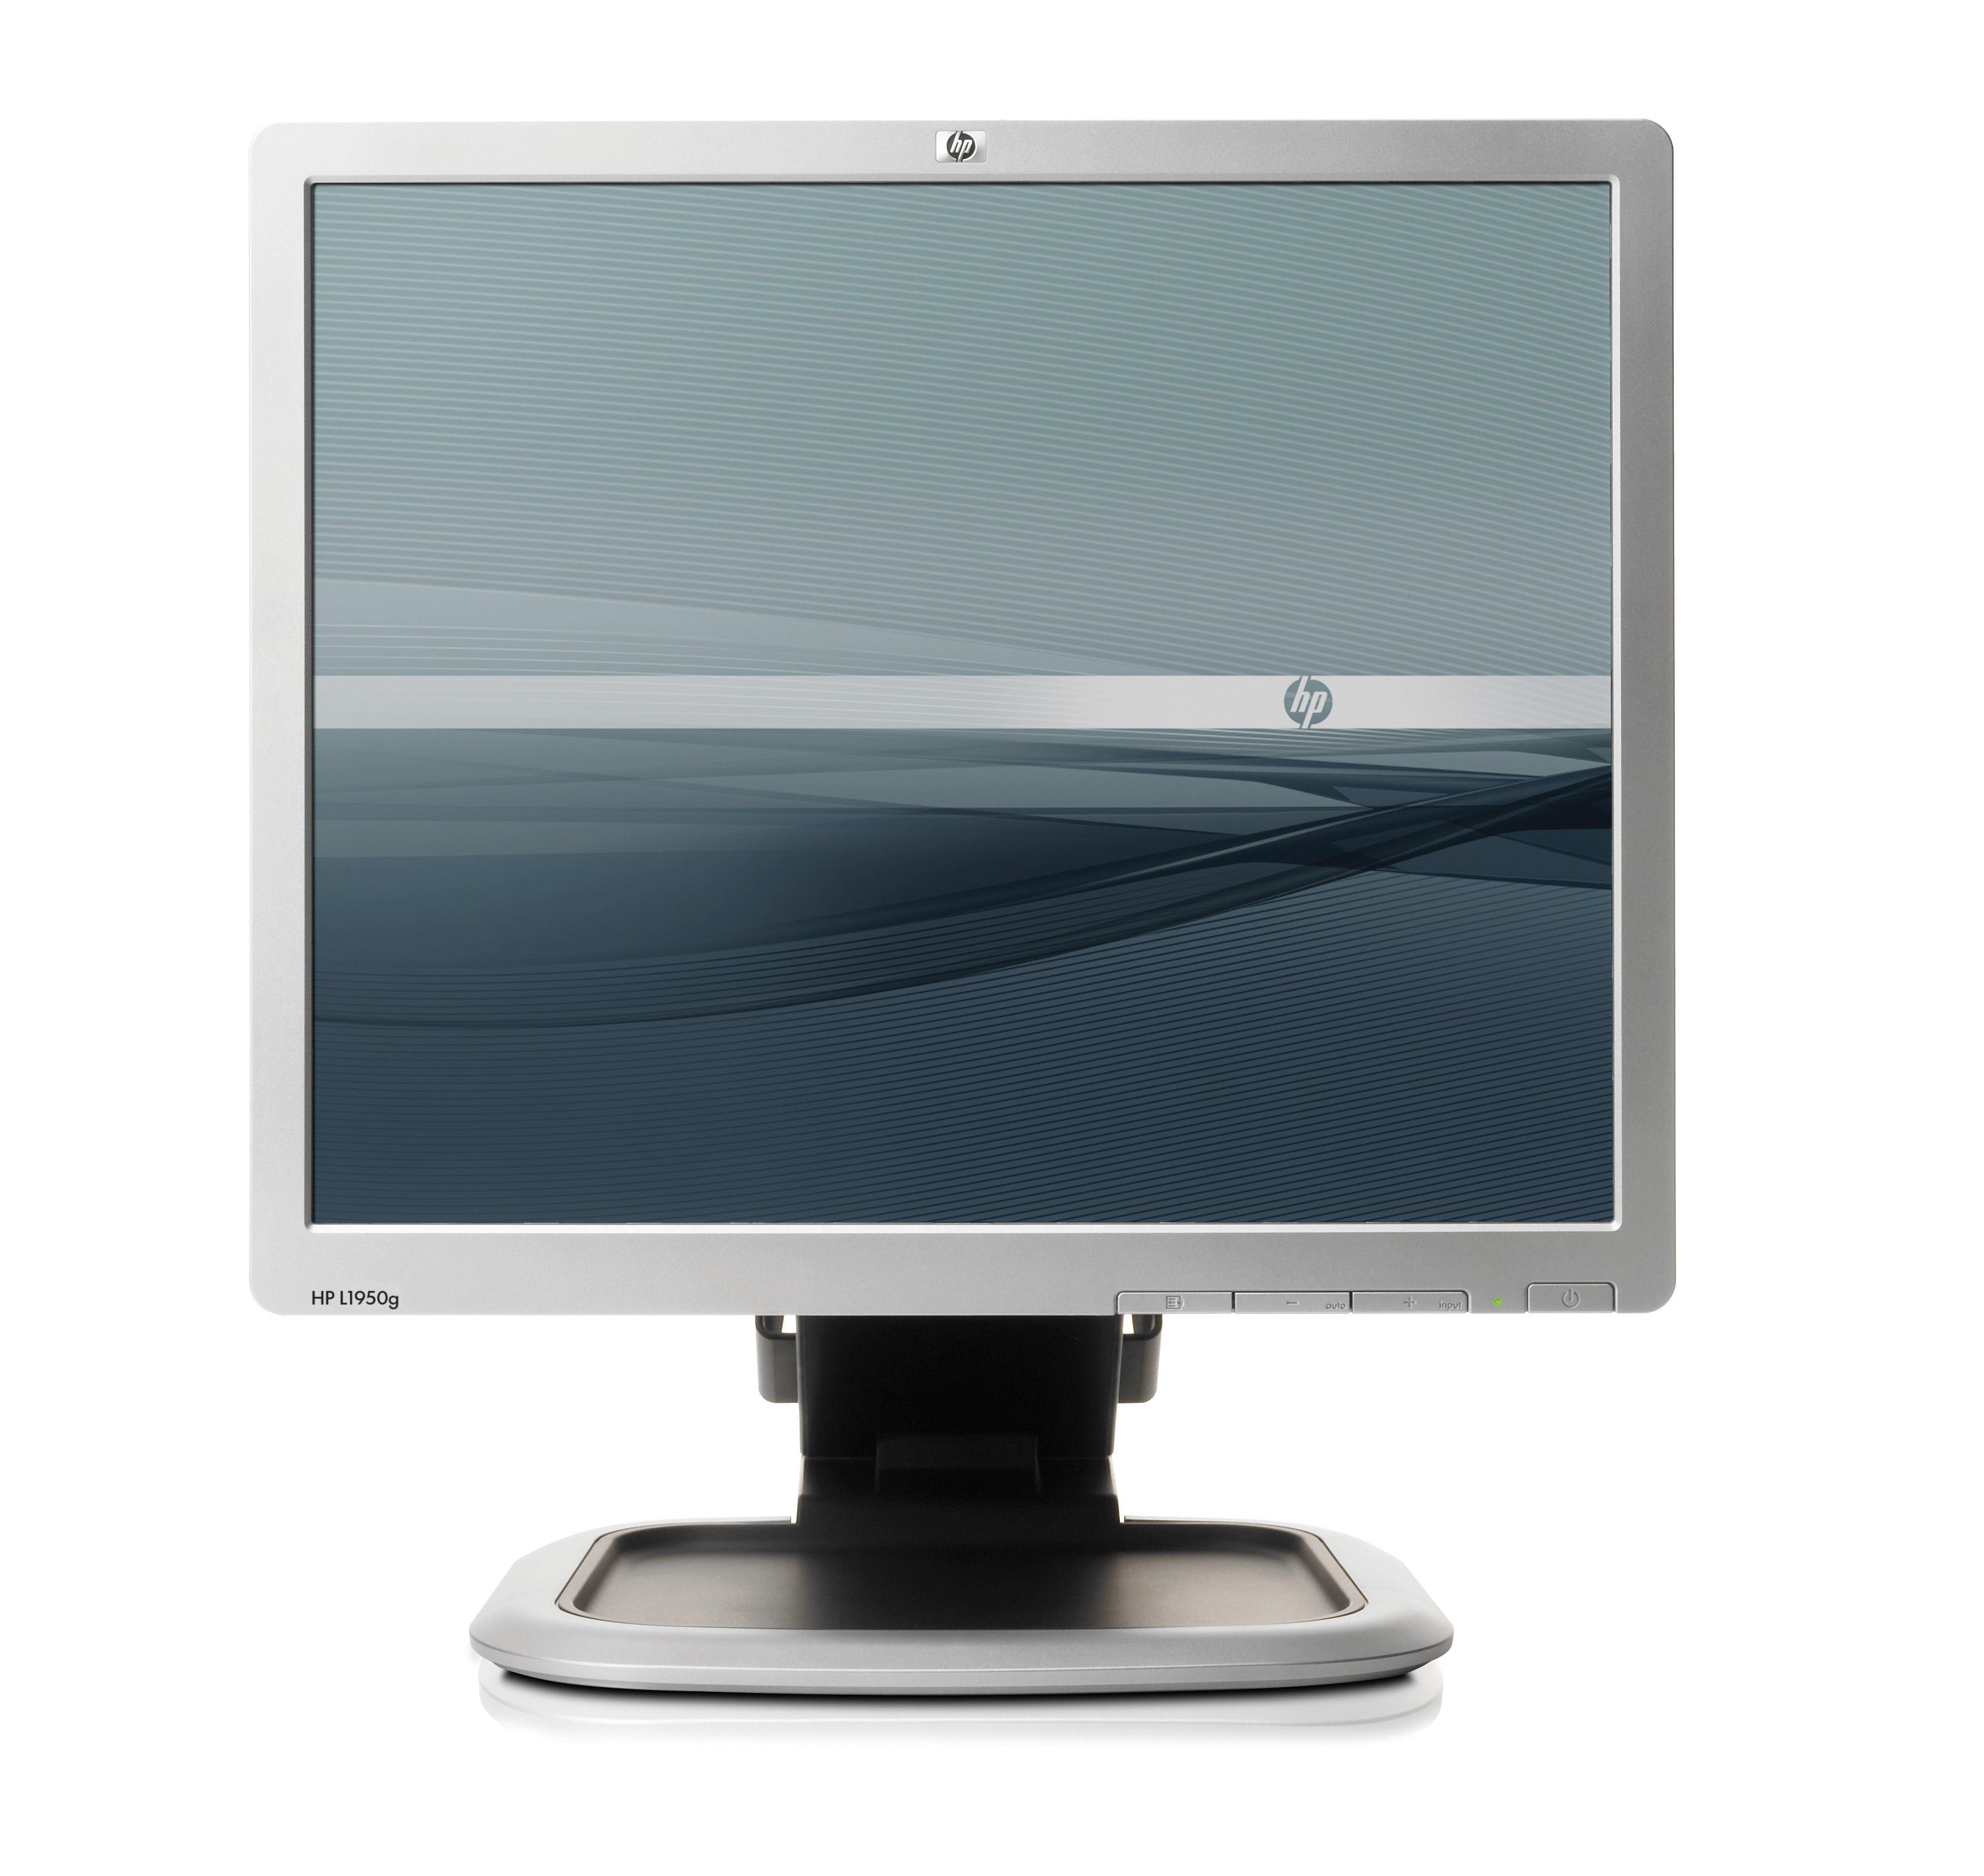 HP KR145AT - HP L1950g computer monitor 48 3 cm